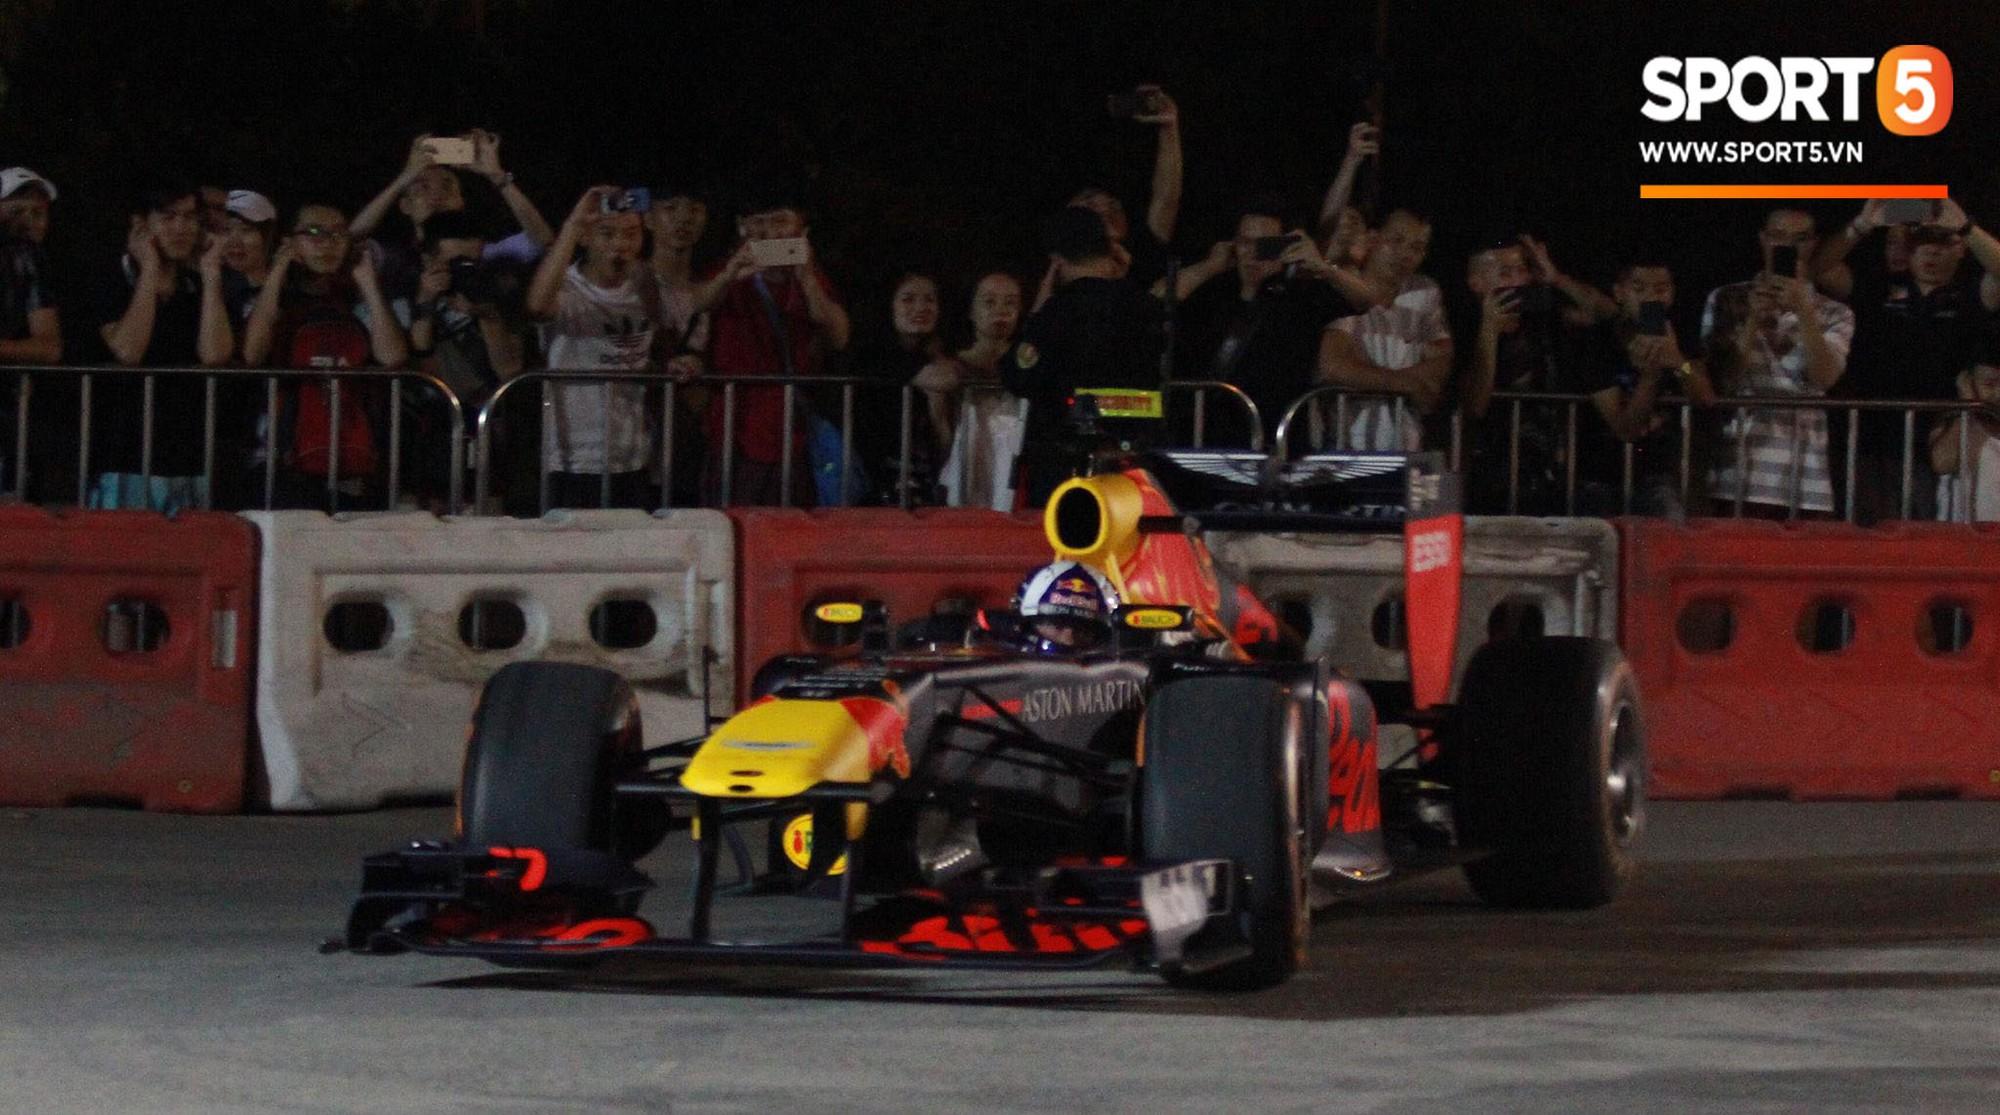 Sự kiện Khởi động F1 Việt Nam Grand Prix: Hoành tráng, mãn nhãn và đầy hứa hẹn - Ảnh 6.